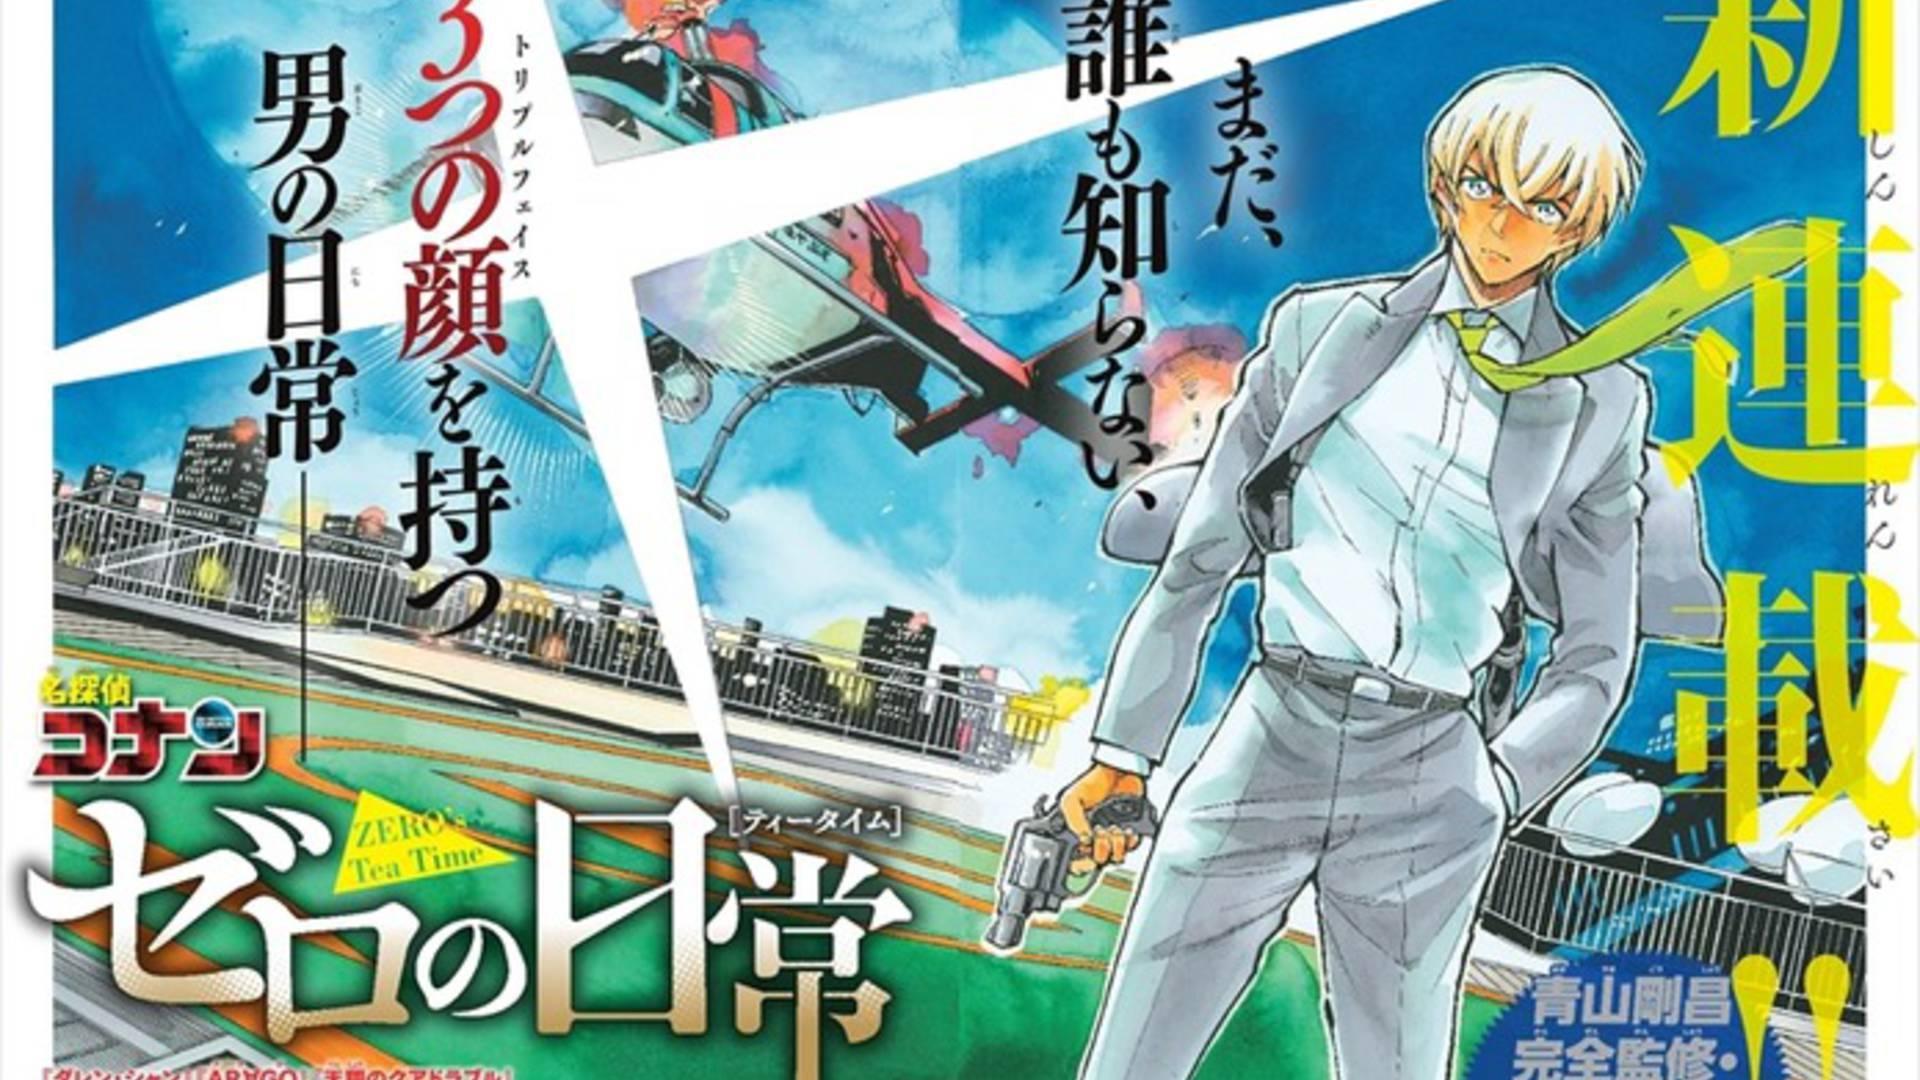 Nuovo manga spinoff per Detective Conan